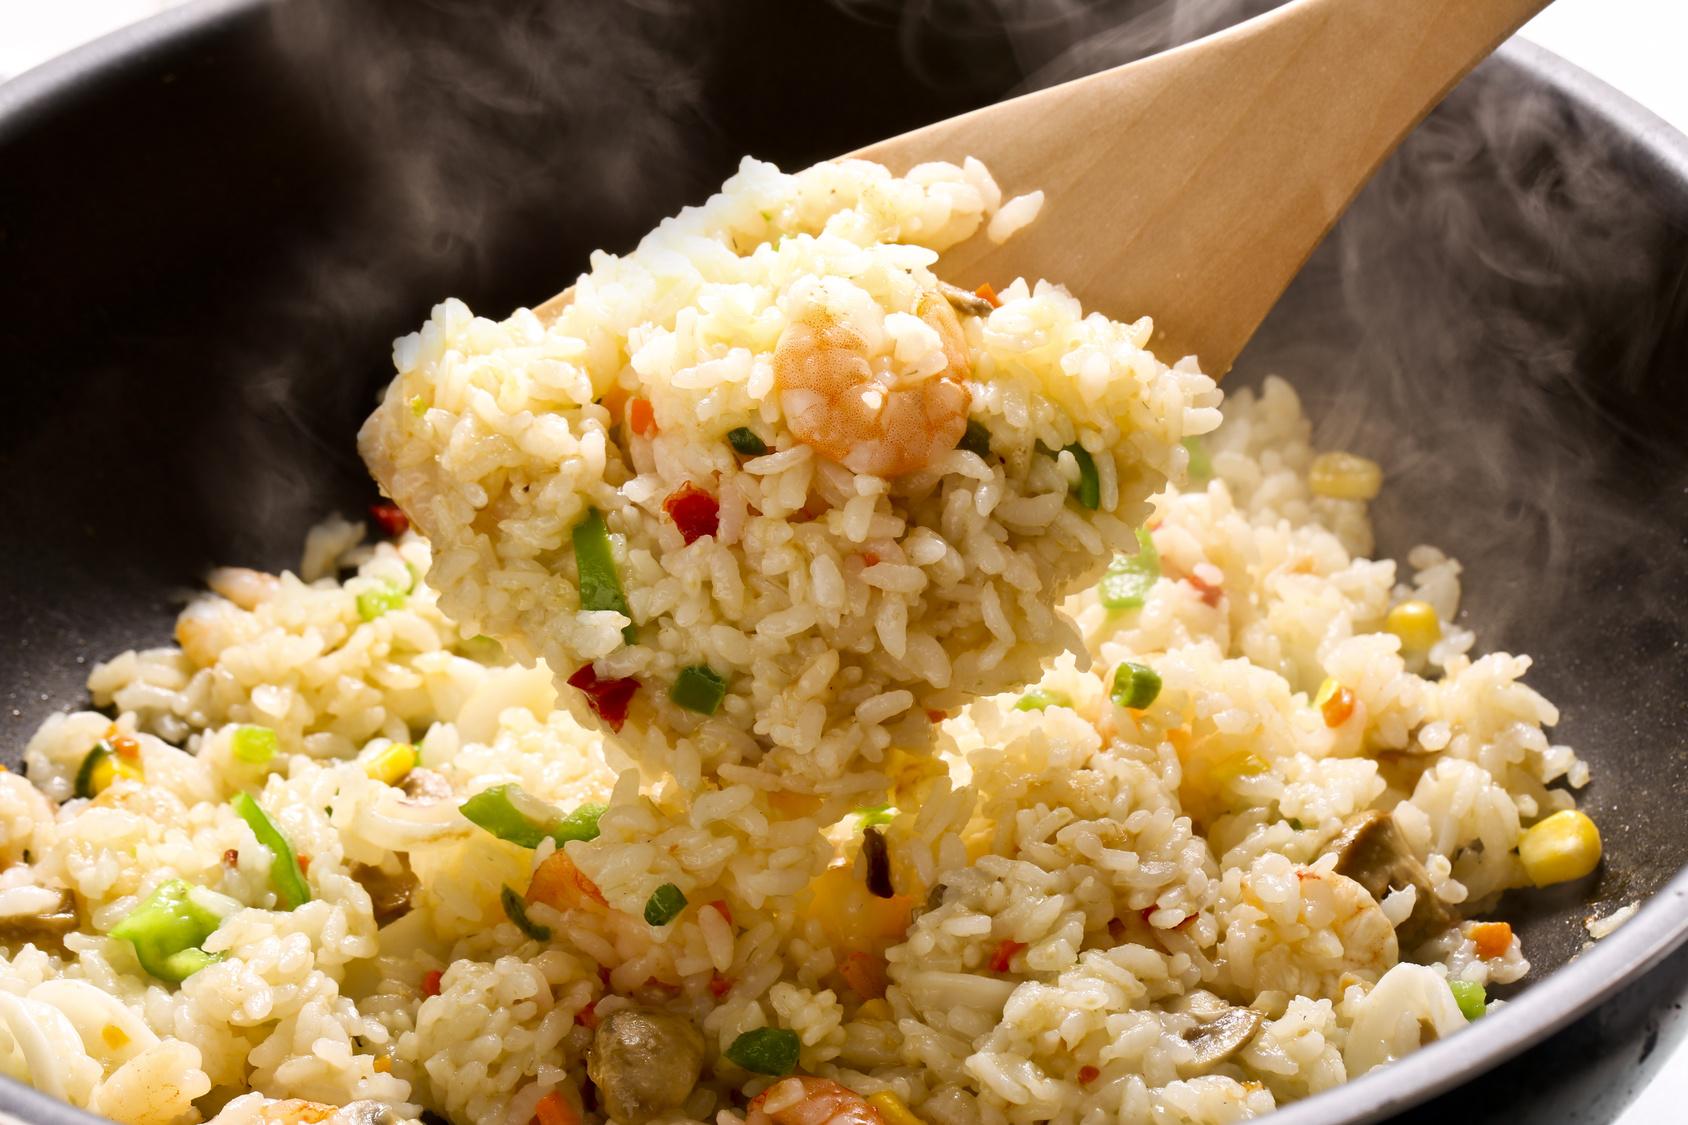 馴染んできたら温めたご飯を入れ、塩コショウで味付けをして完成。簡単に作ることができるので、軽食や夜食に重宝します。